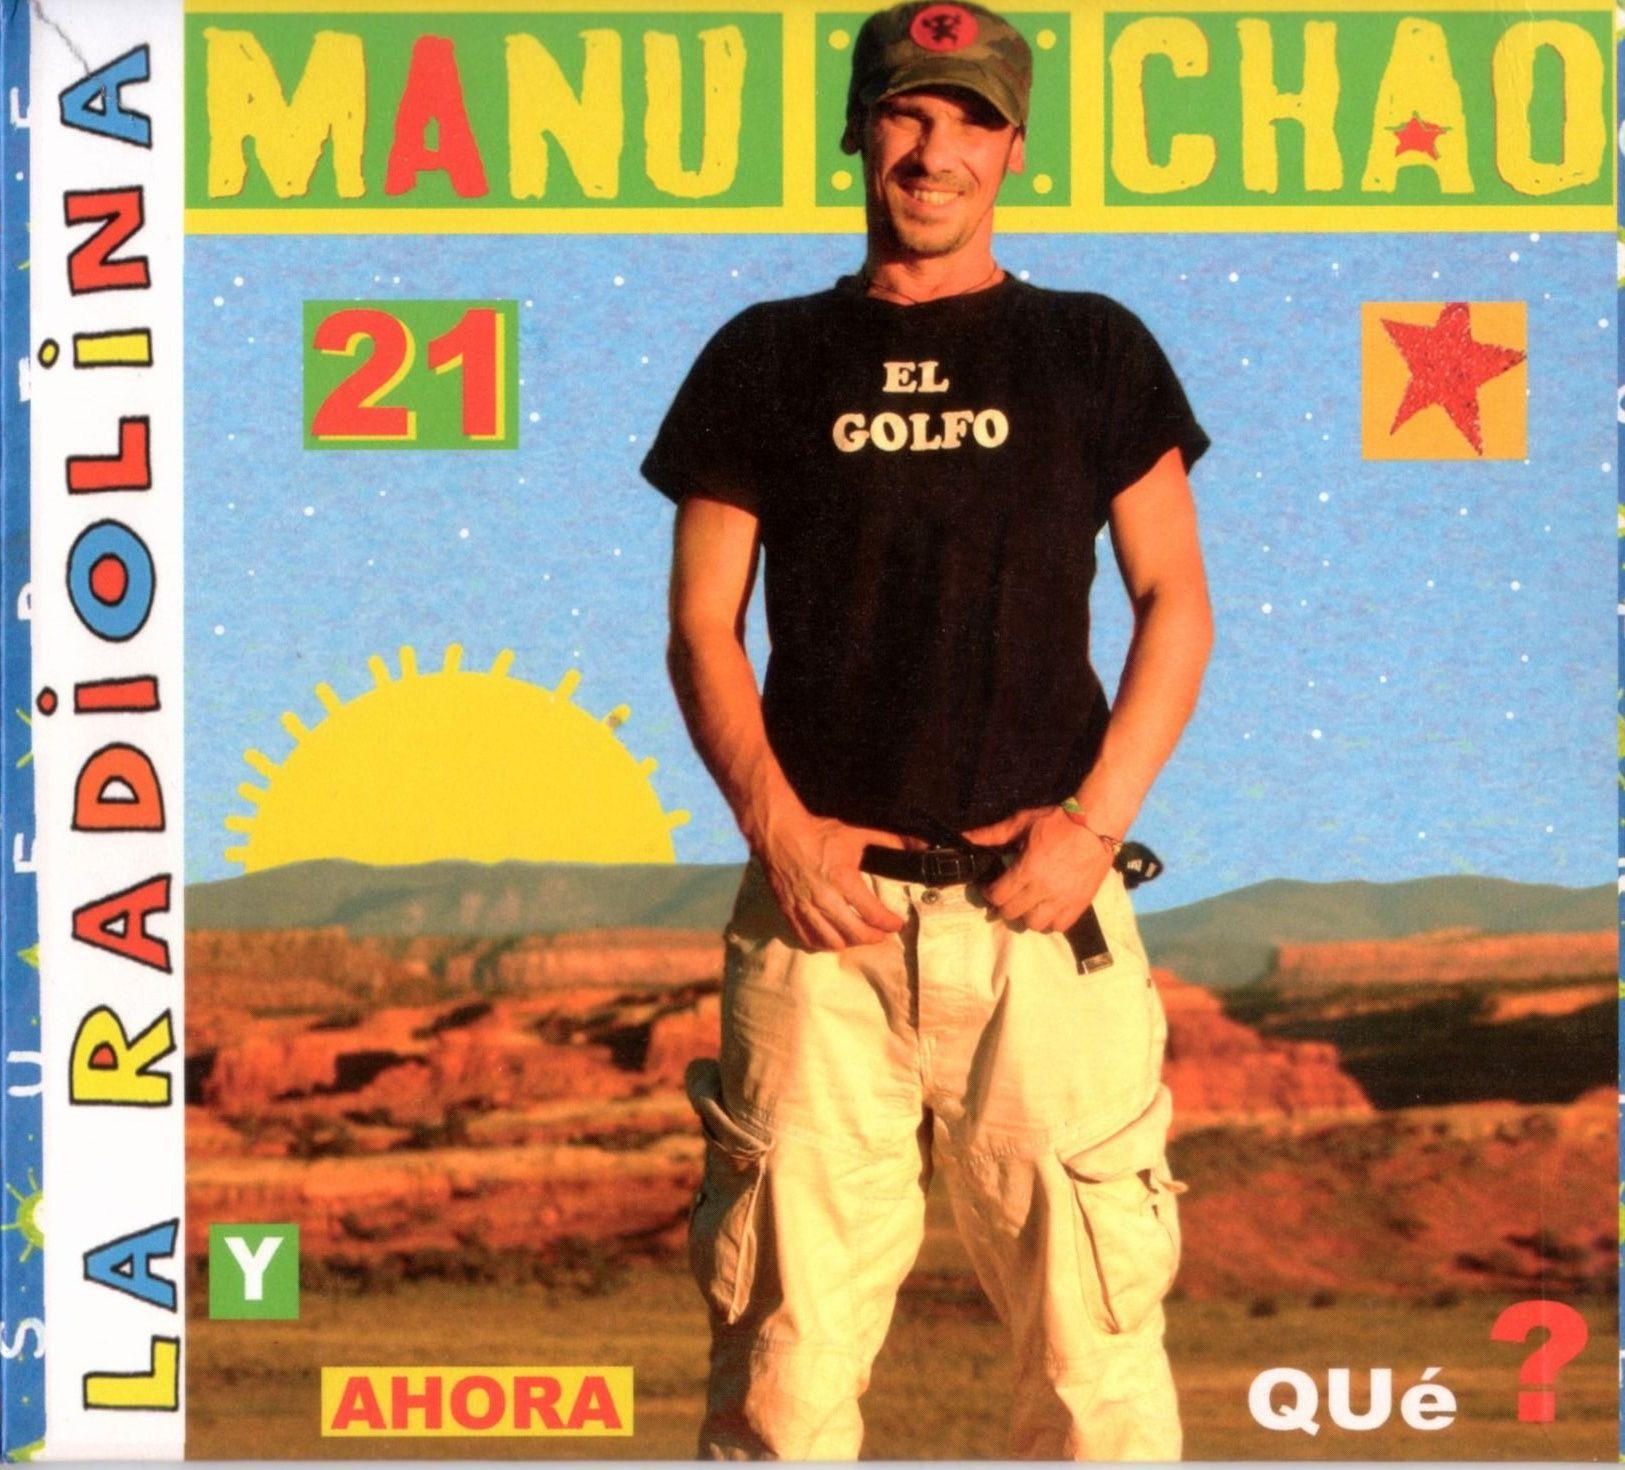 Manu Chao - La Radiolina album cover